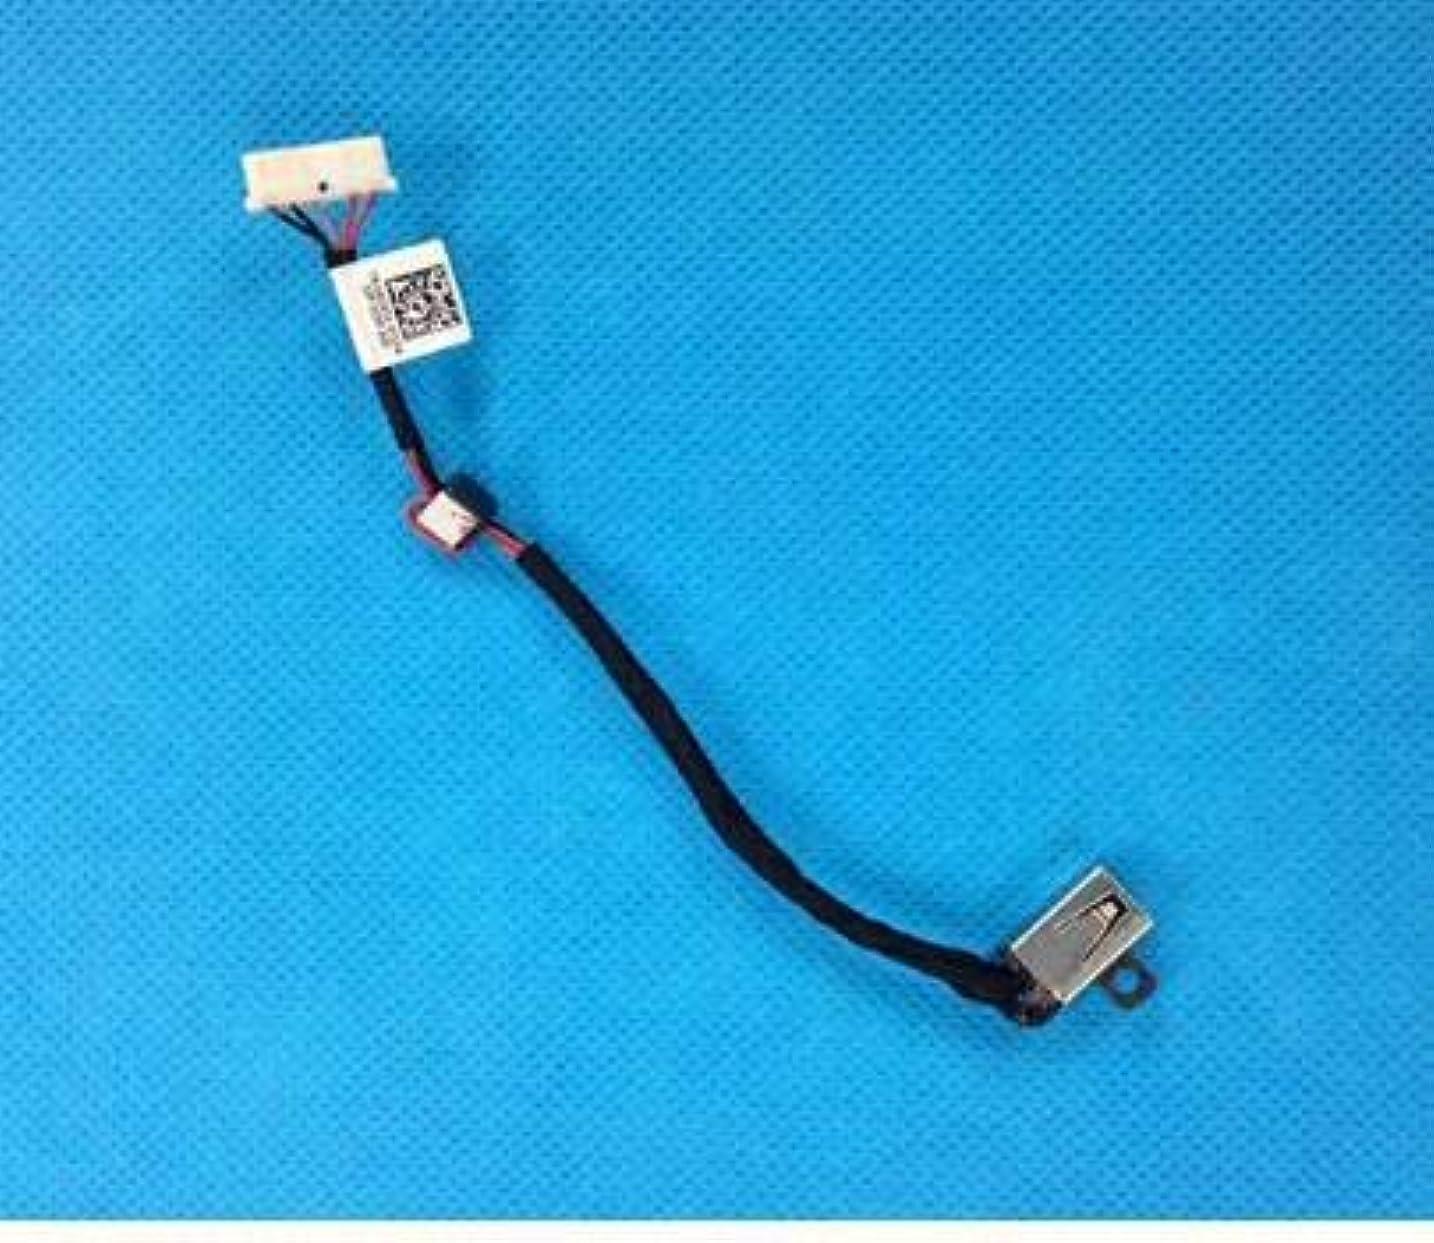 フォージ失望させるちらつき【SAPA】電源ジャック 電源ユニット適用する Dell Inspiron 15 5000シリーズ 5559 修理交換用 DCコネクタ